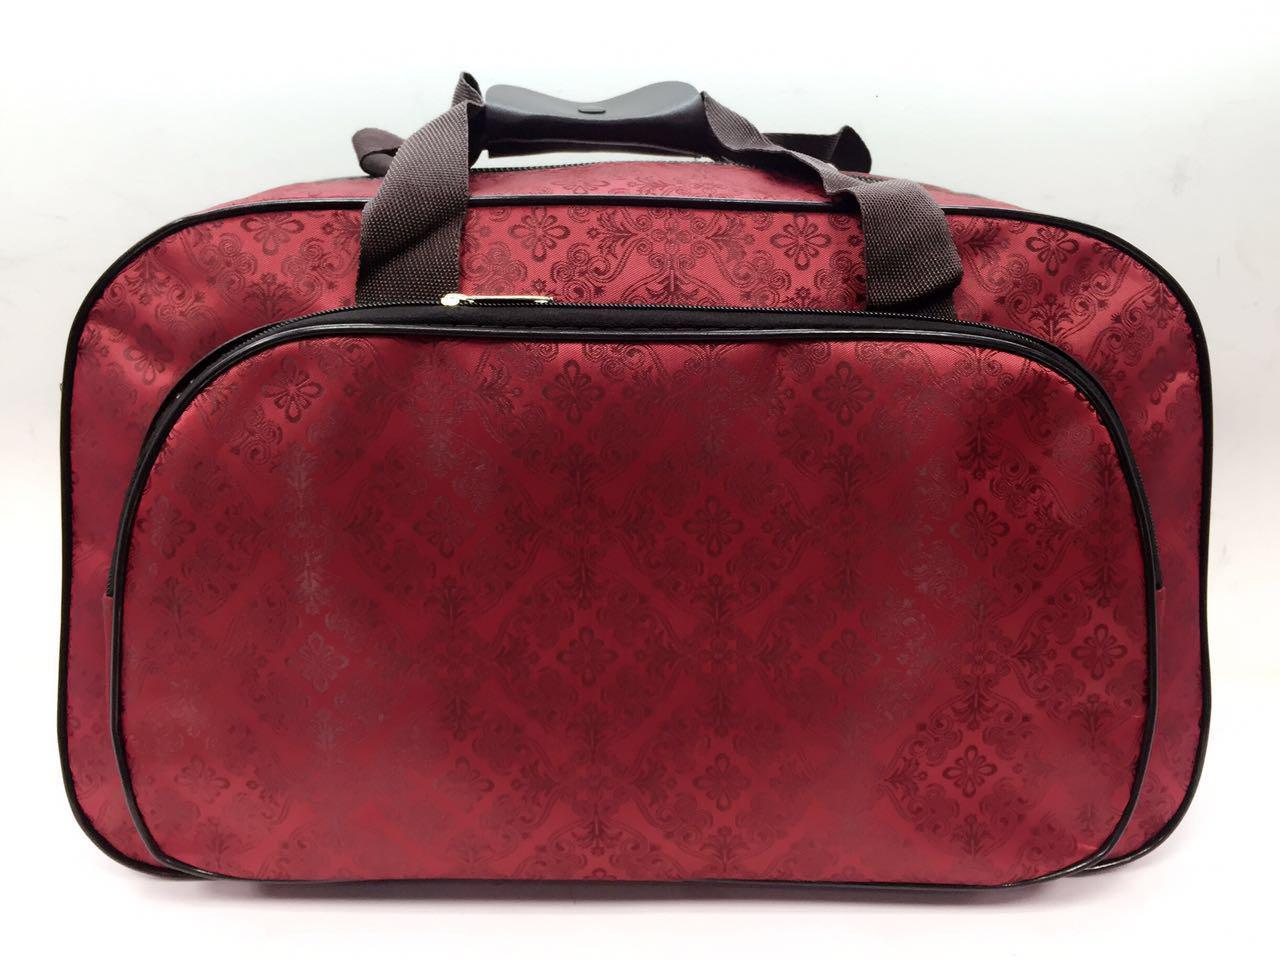 Сумка саквояж дорожная женская красная текстильная ручная кладь в самолет